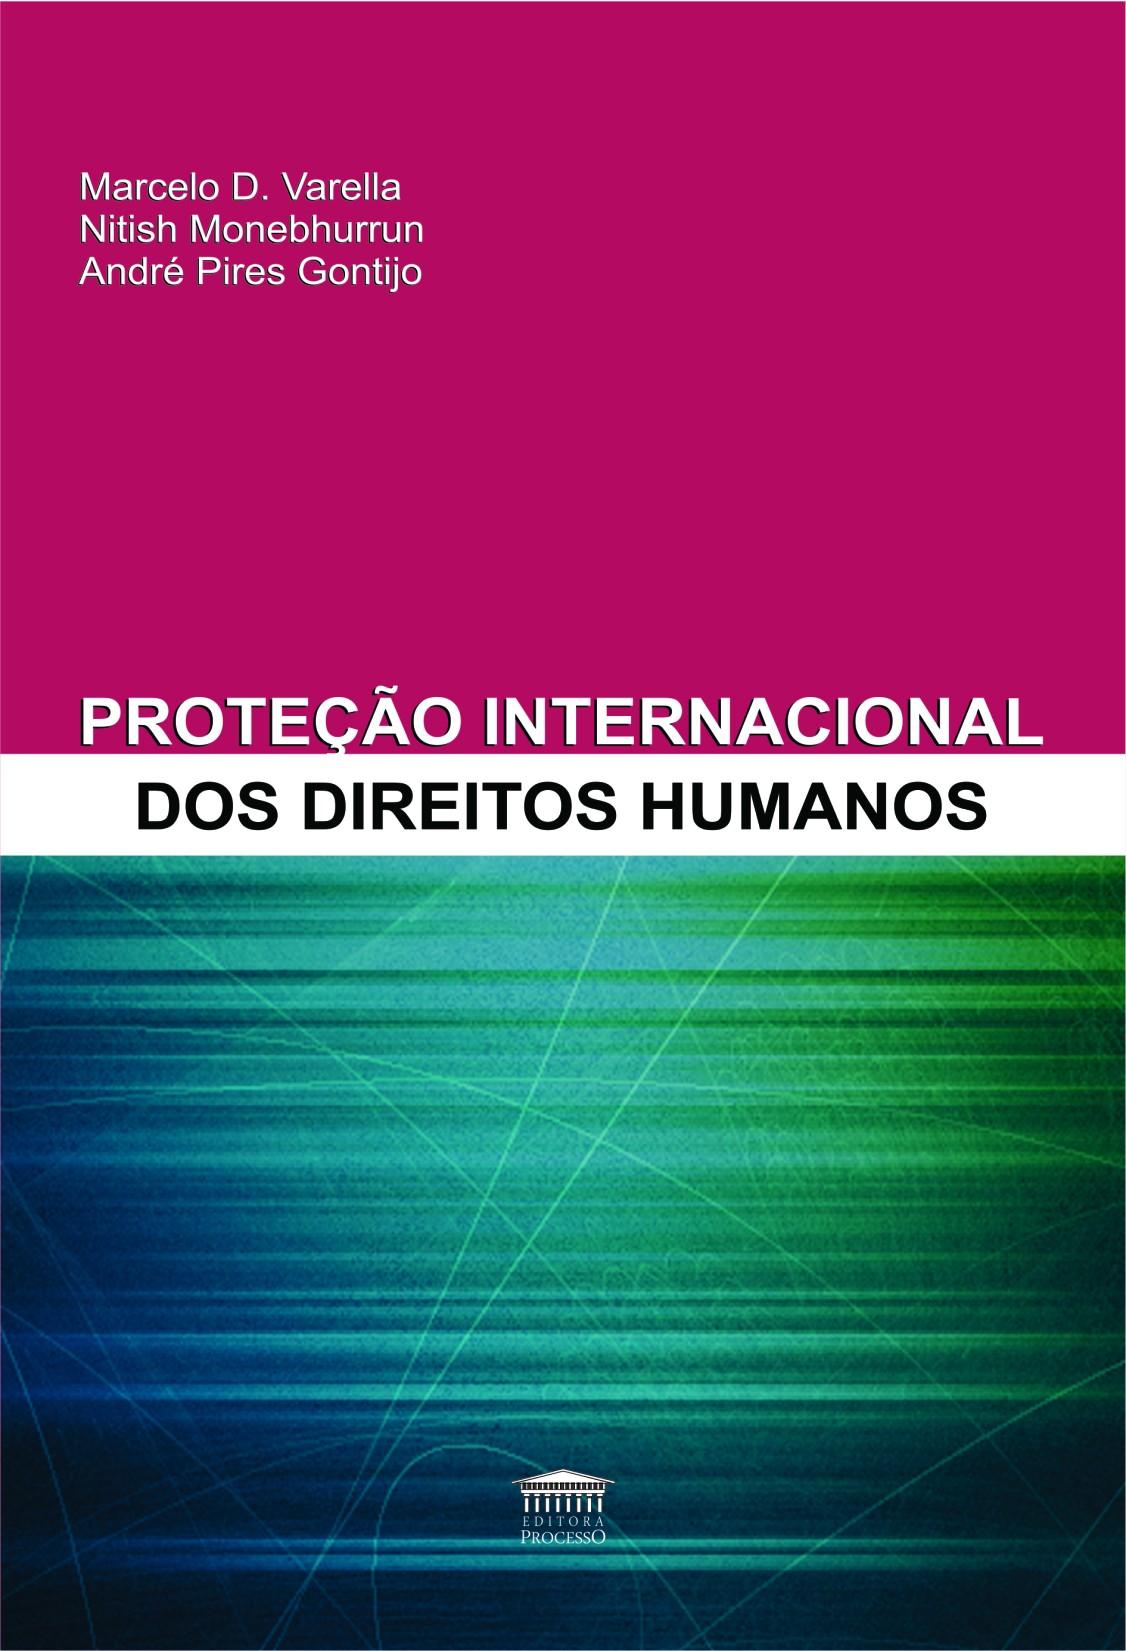 Foto 1 - Proteção Internacional dos Direitos Humanos